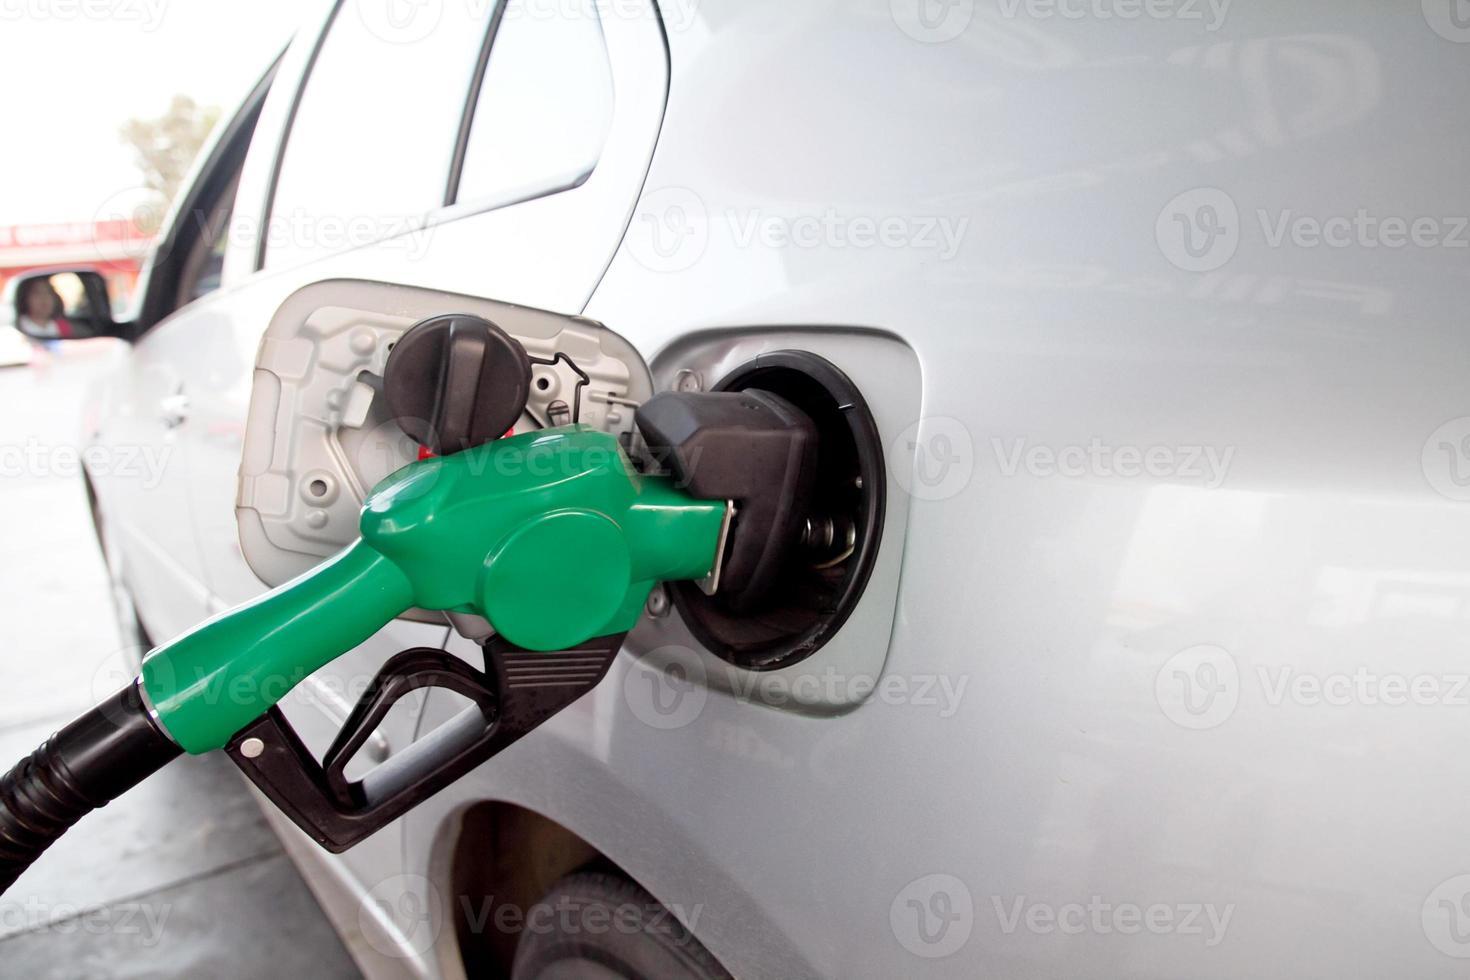 gas pompen bij de benzinepomp. foto